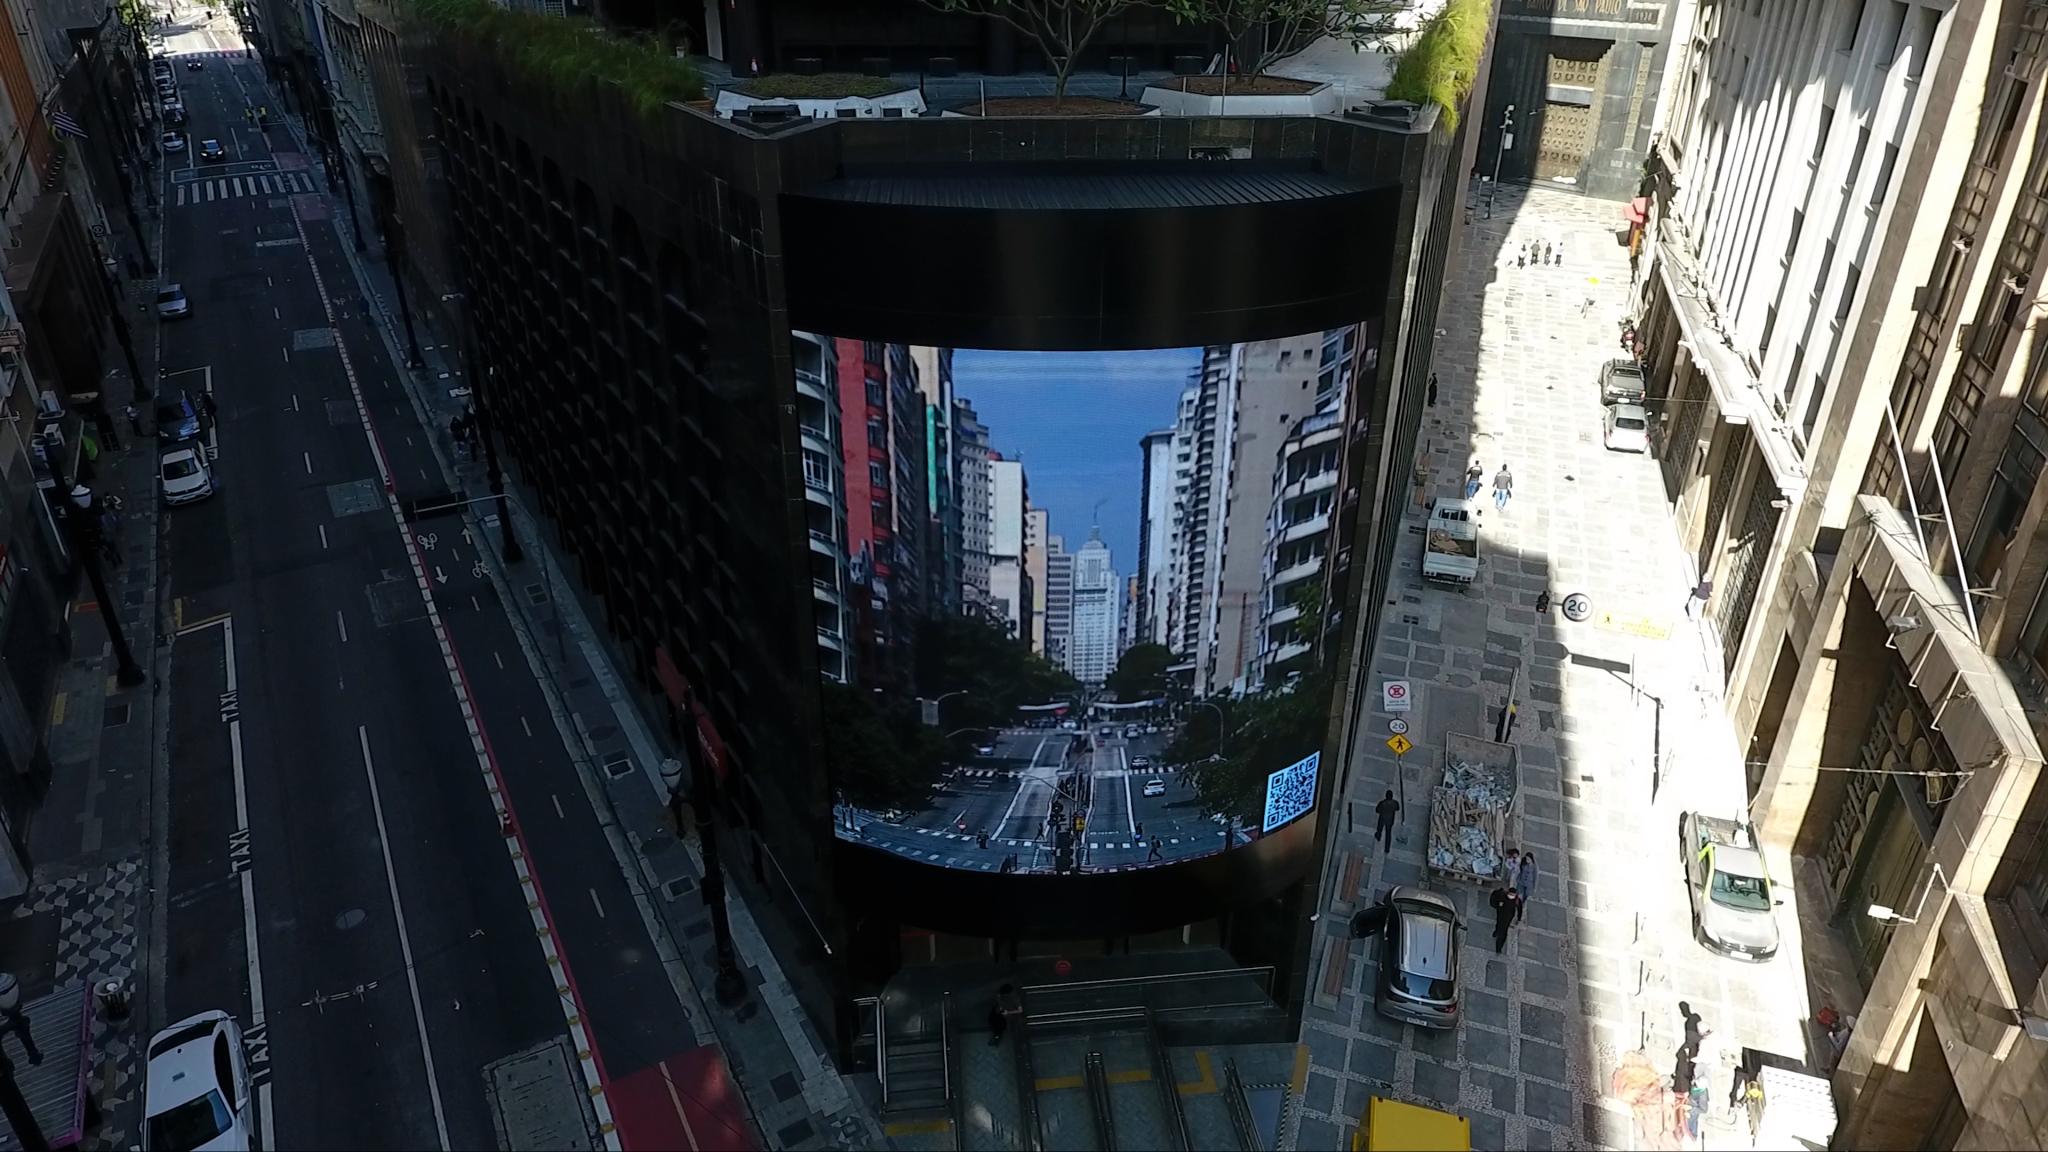 fotografia foto tuca reinés são paulo santander fachada avenida cidade brasil paisagem